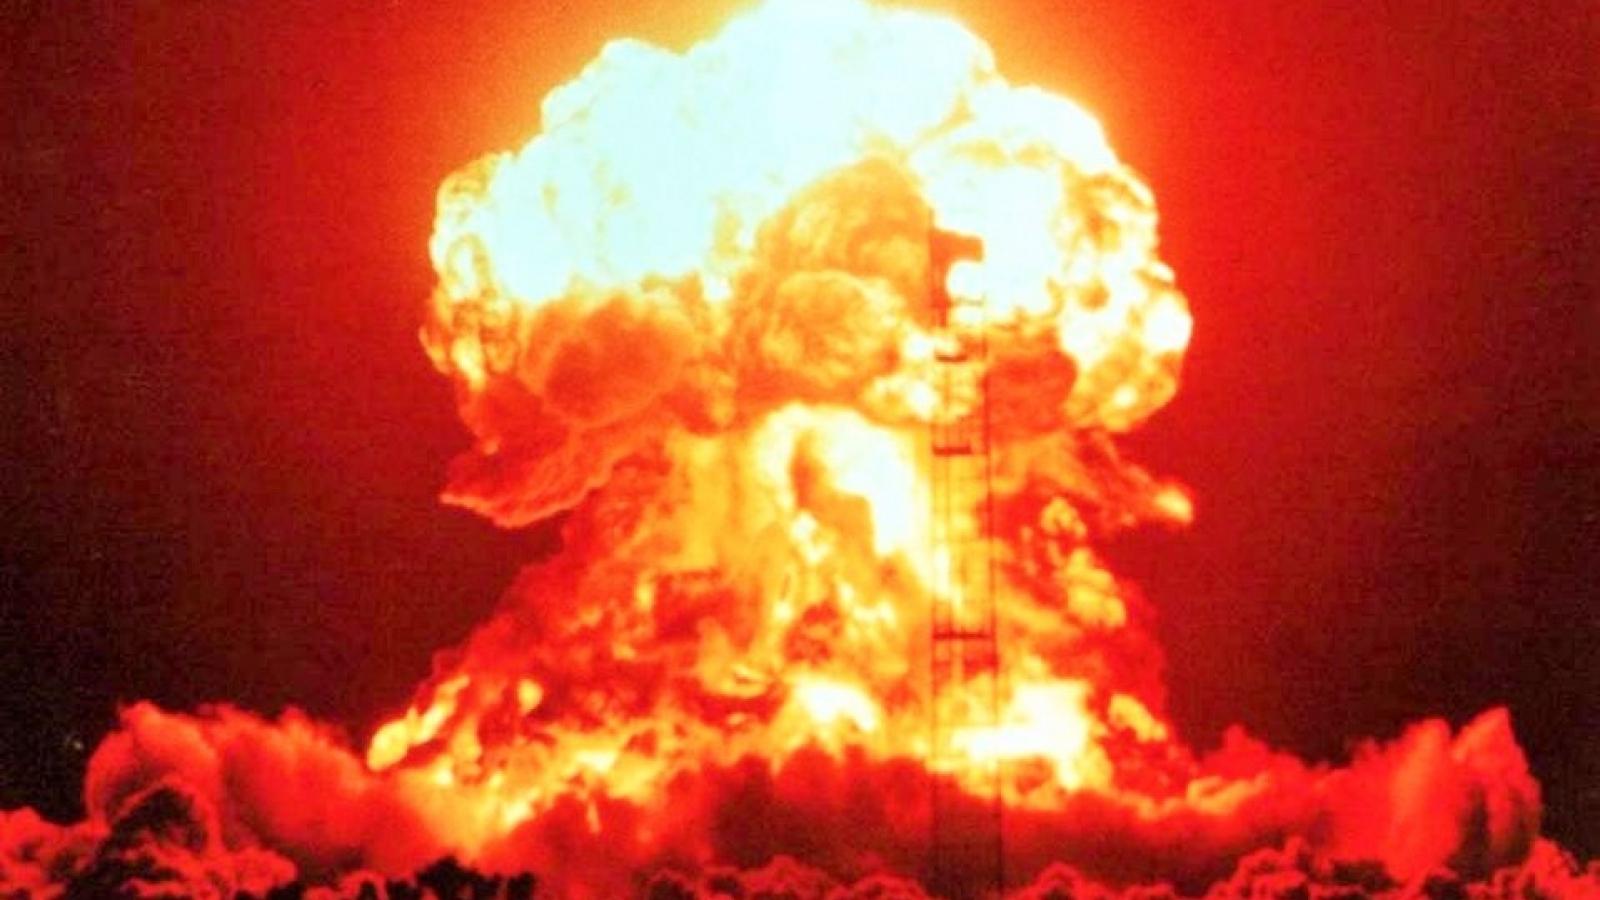 Thiếu tên lửa đạn đạo xuyên lục địa, chiến tranh hạt nhân dễ xảy ra hơn?